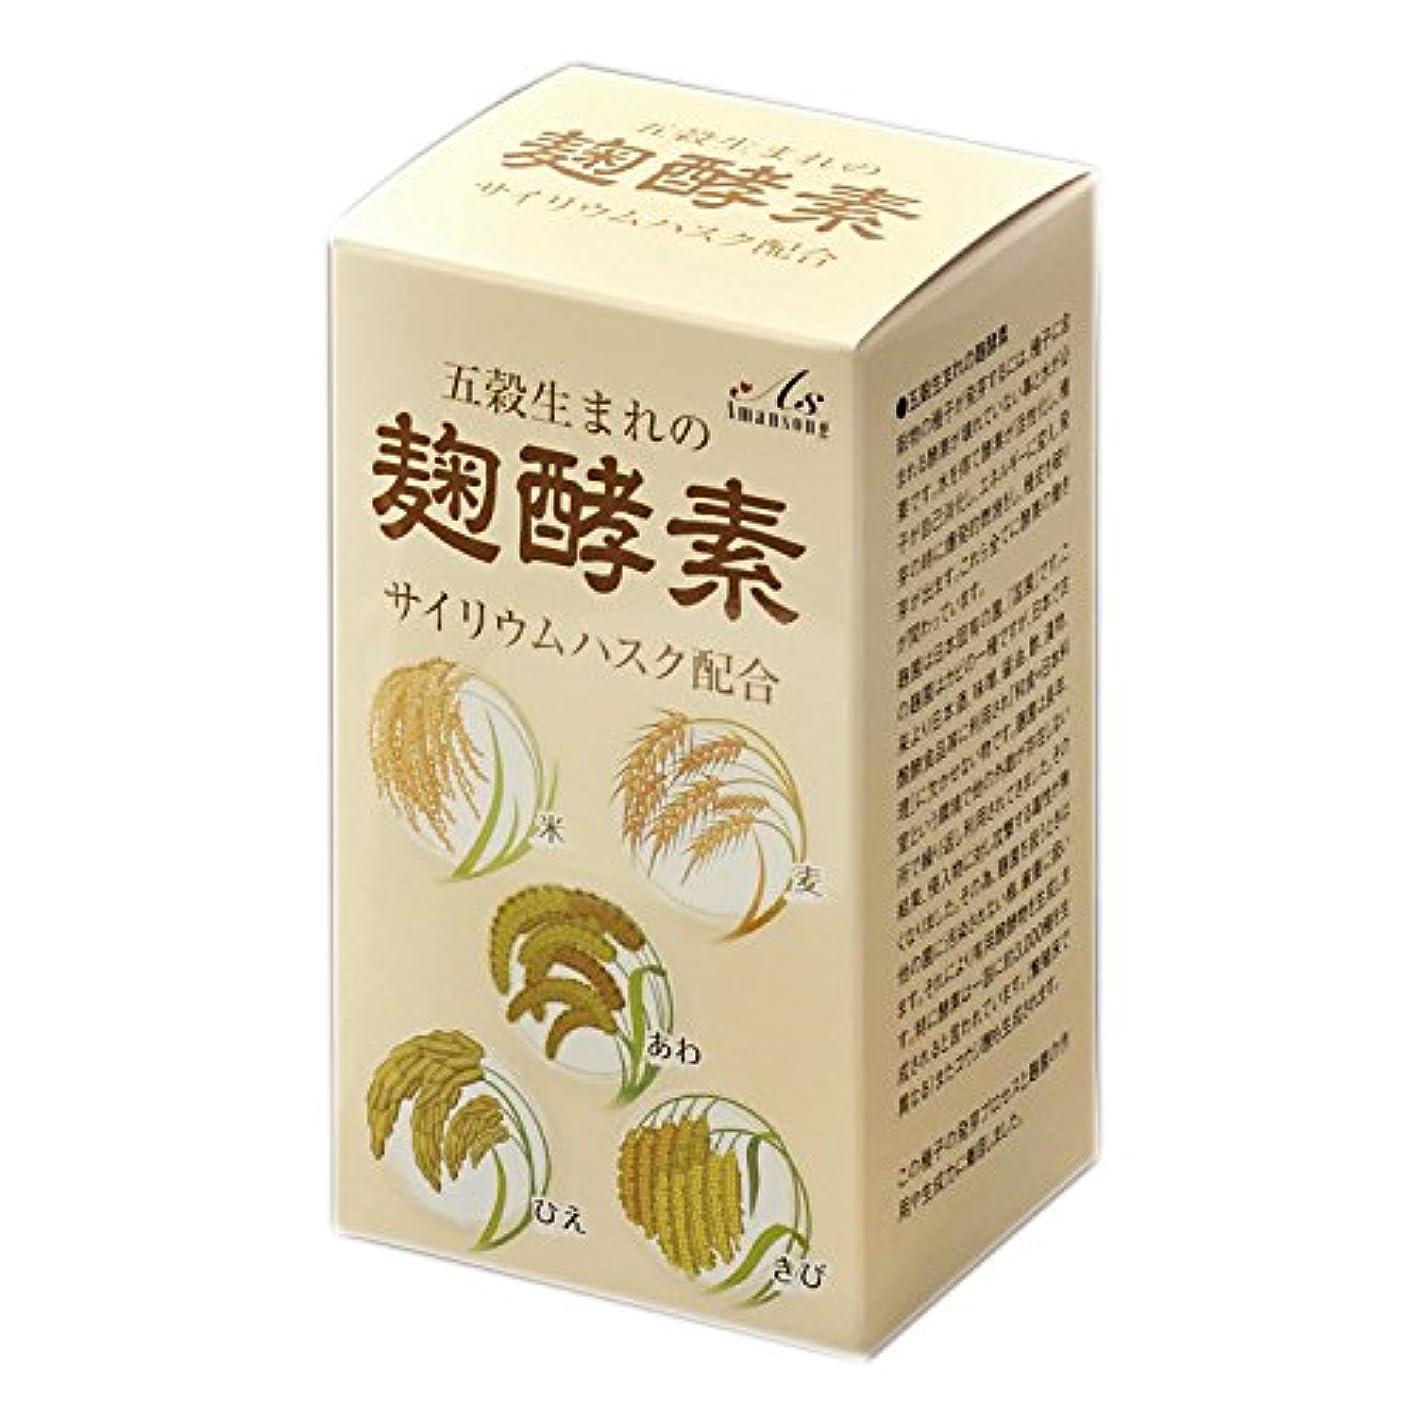 おとうさん職人せがむA?S 五穀生まれの麹酵素 ヨーグルト風味で、活きた酵素を手軽に摂取 30包入り